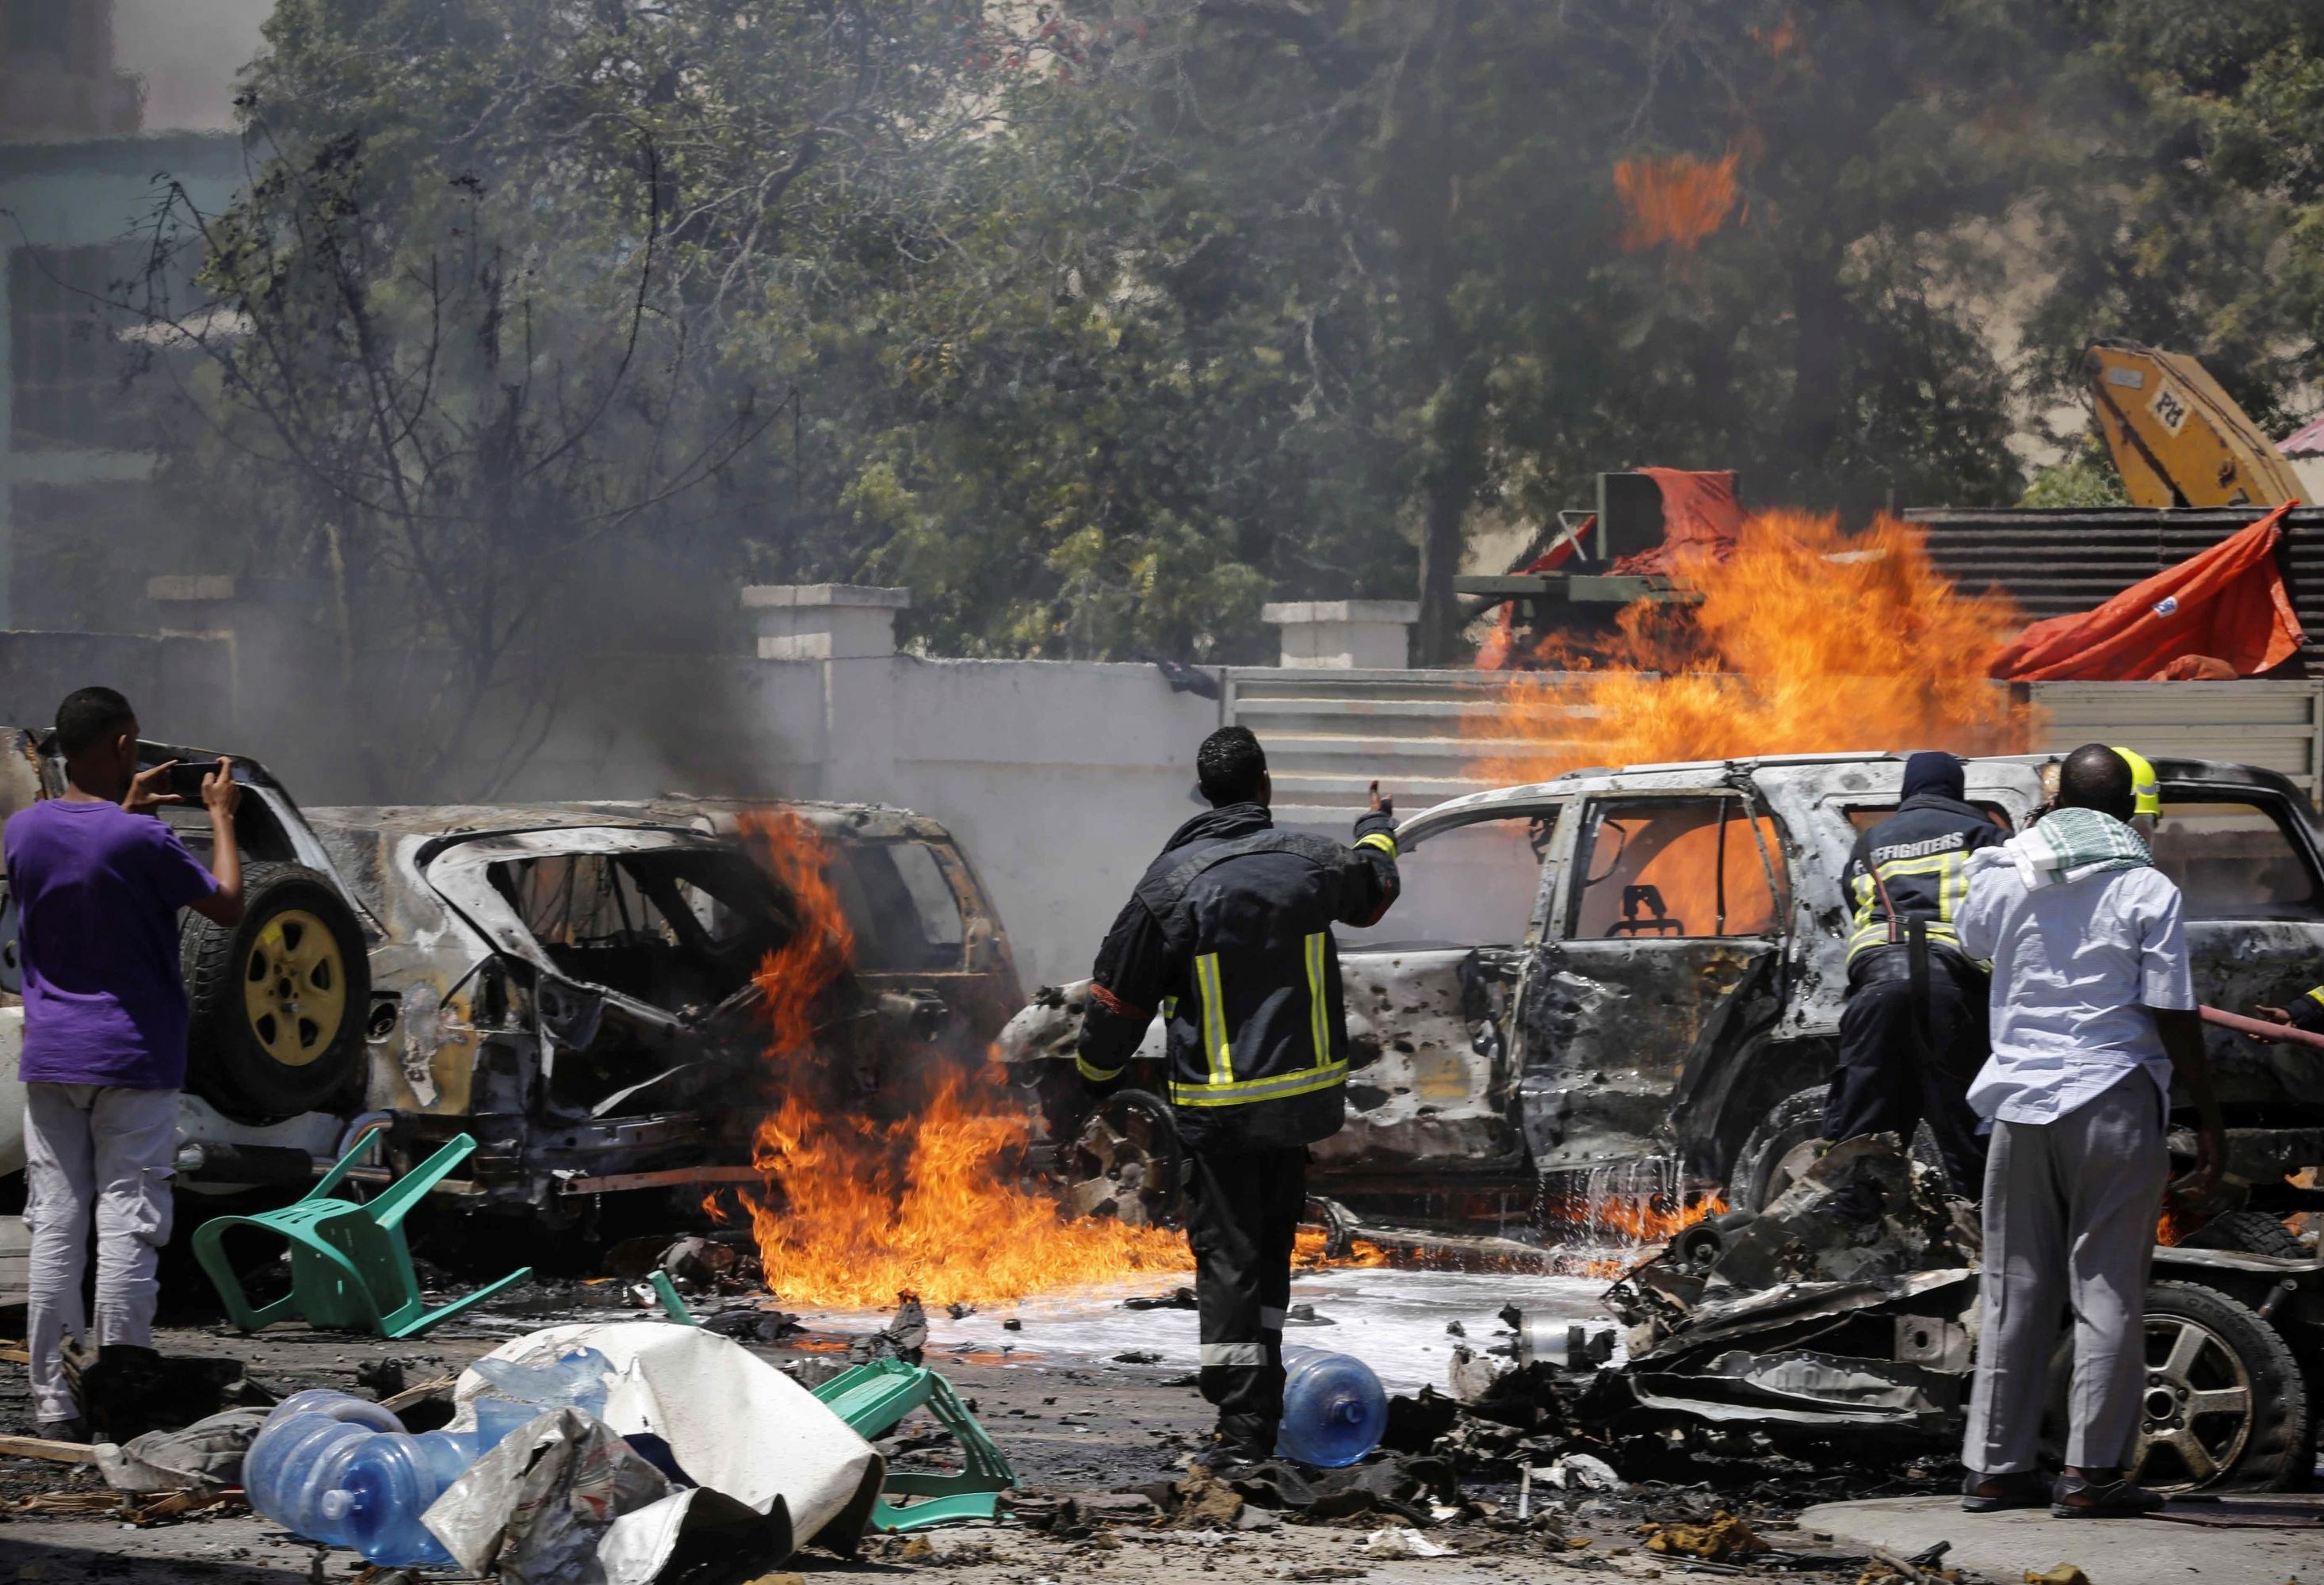 Coche bomba deja al menos 12 muertos y 15 heridos en Somalia | FOTOS